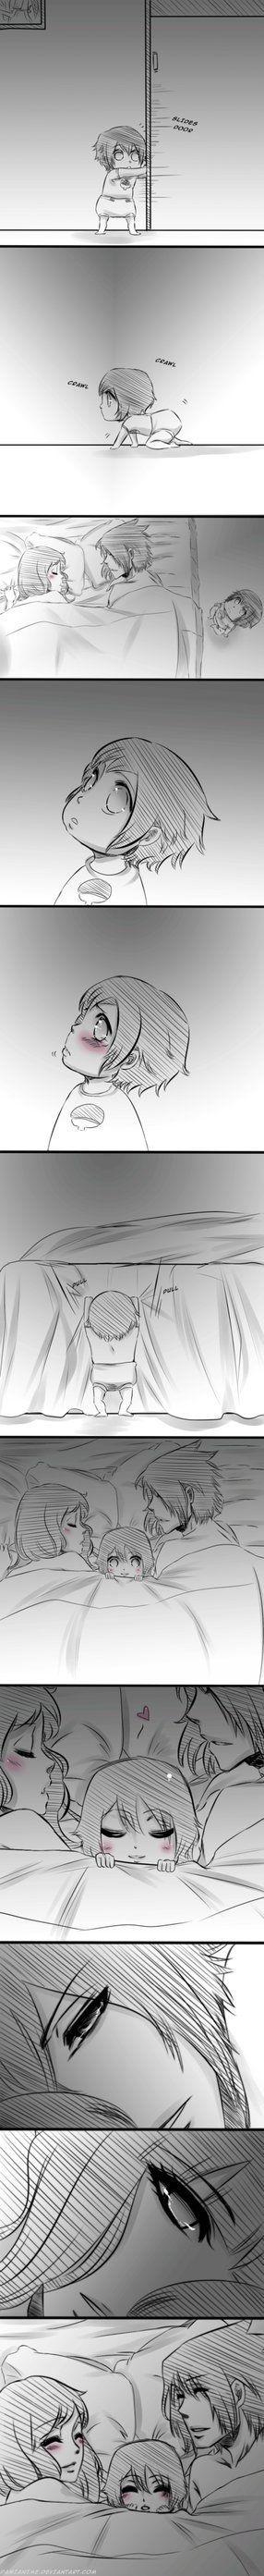 Sasuke, Sakura and Sarada. OH THE FEELS. THAT IS SO CUTE.: